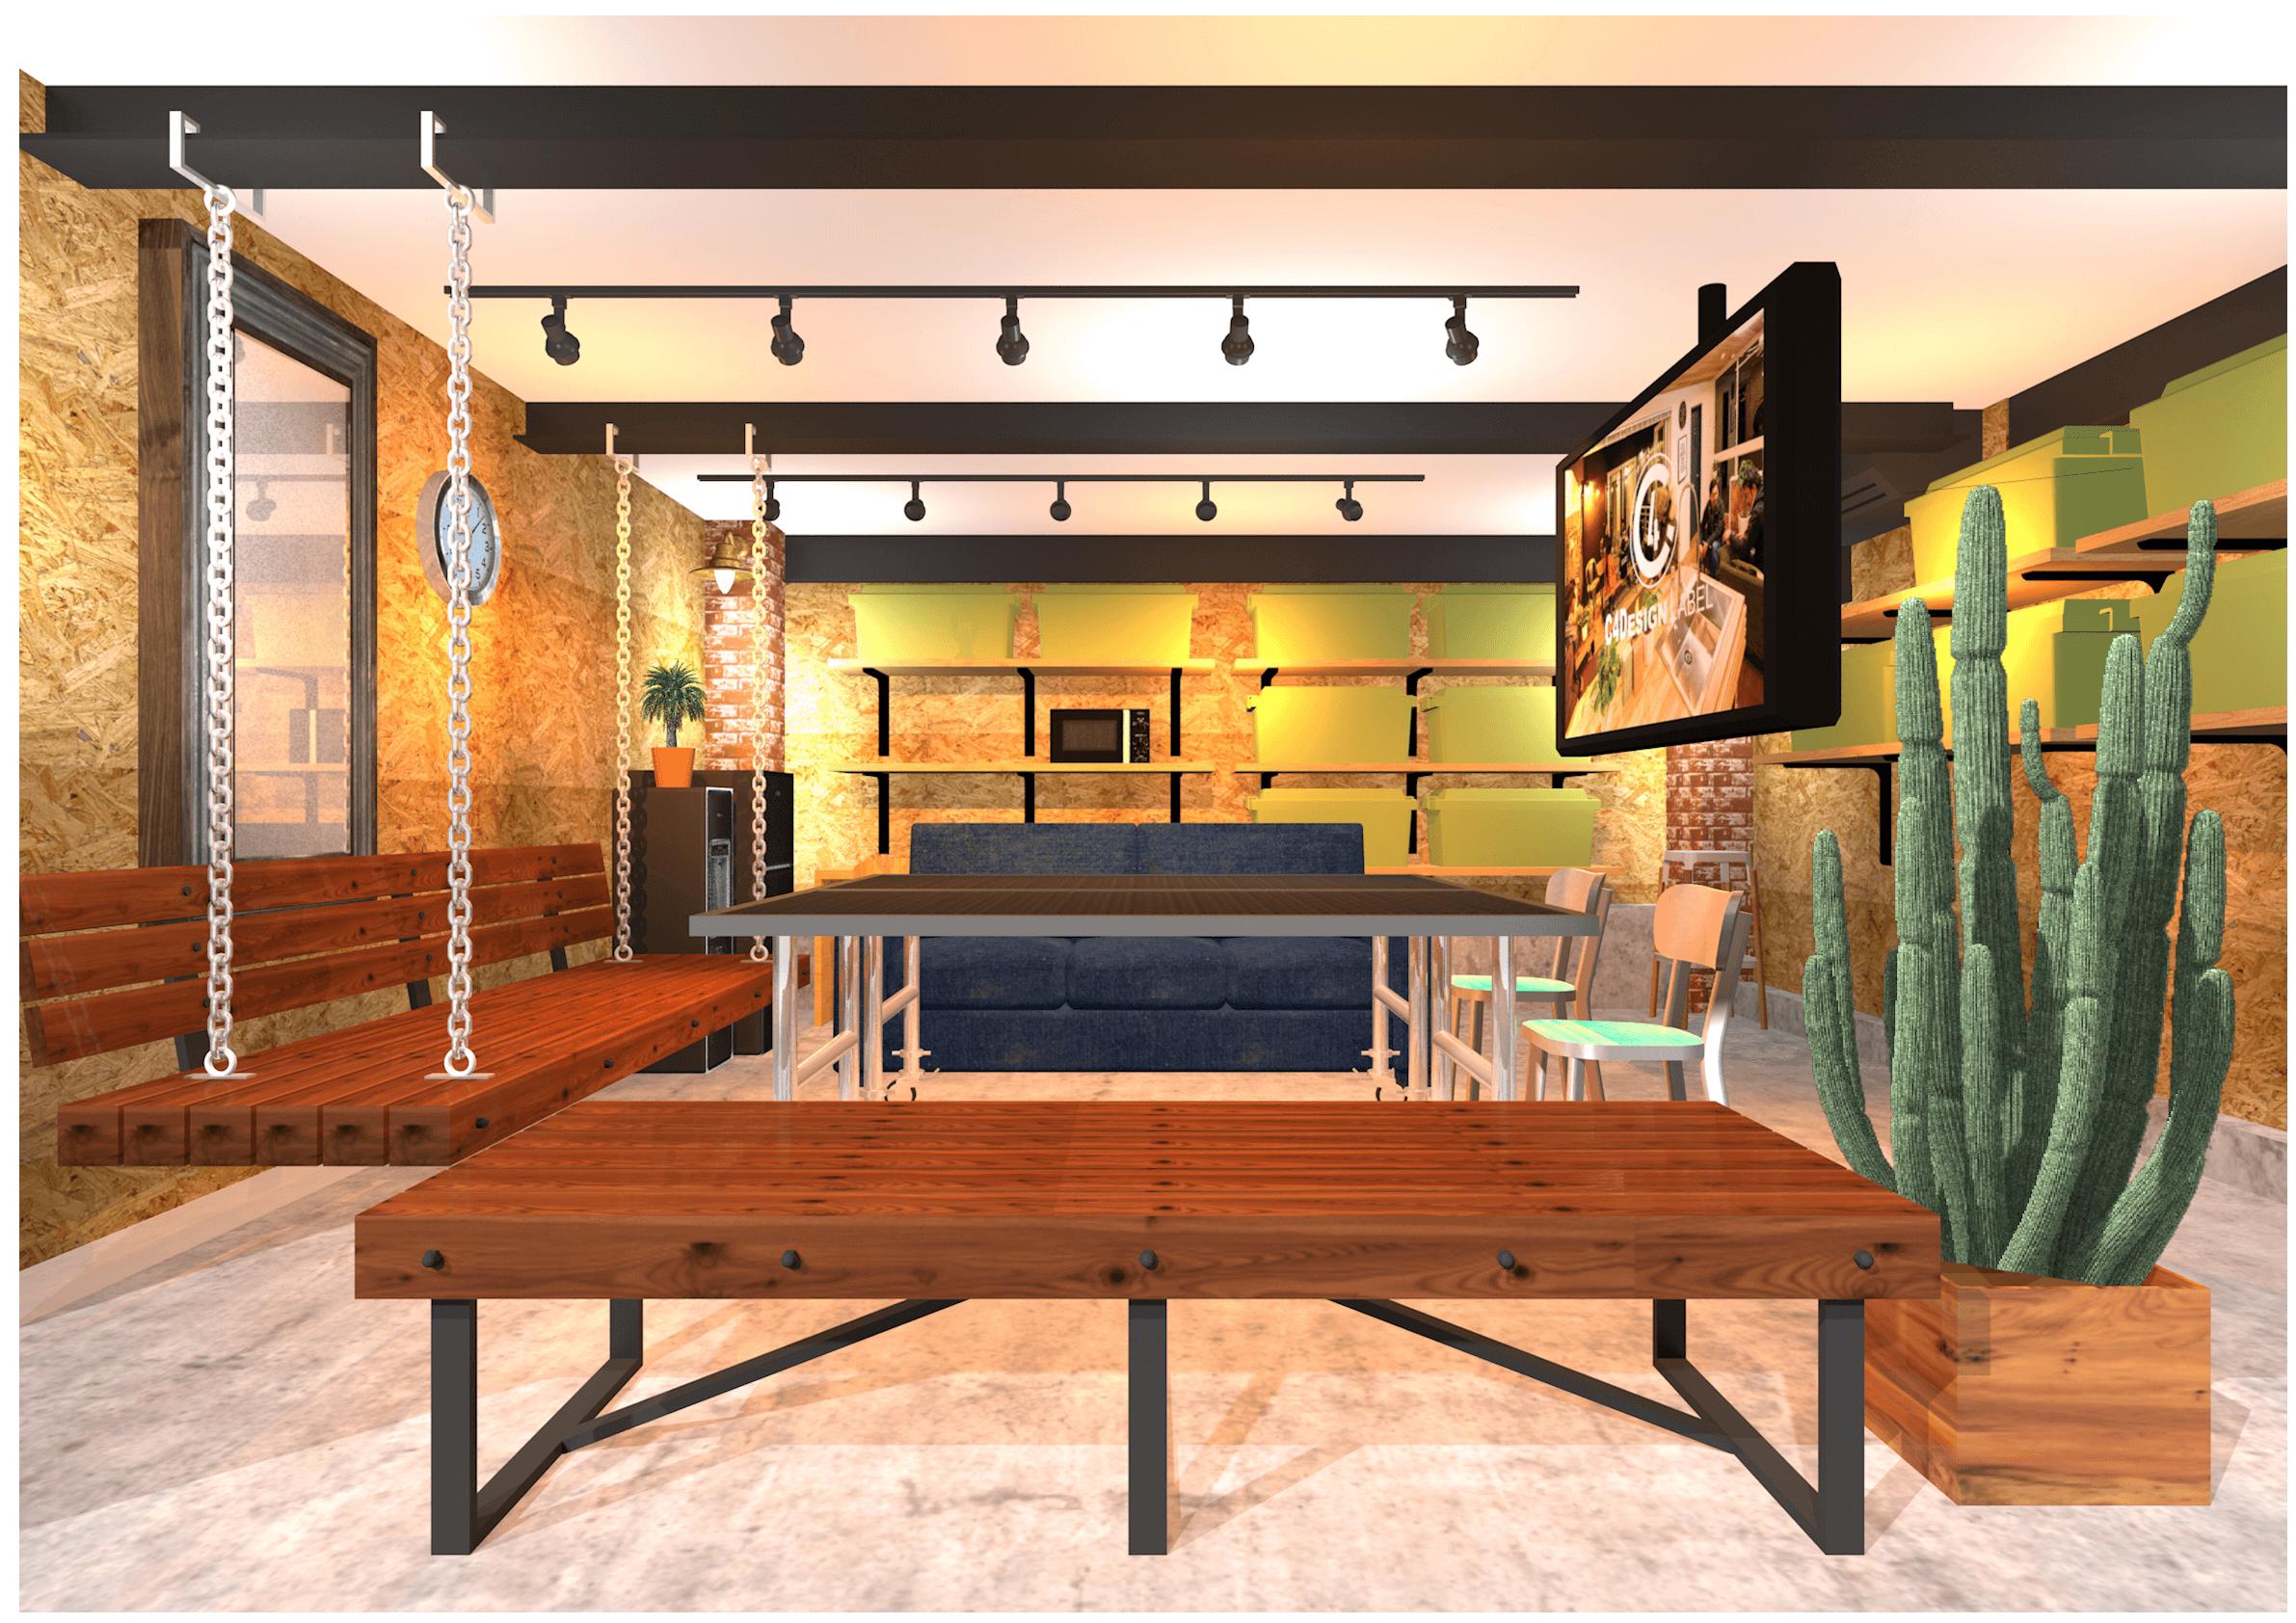 オフィス休憩室リノベーション提案プラン|店舗内装工事